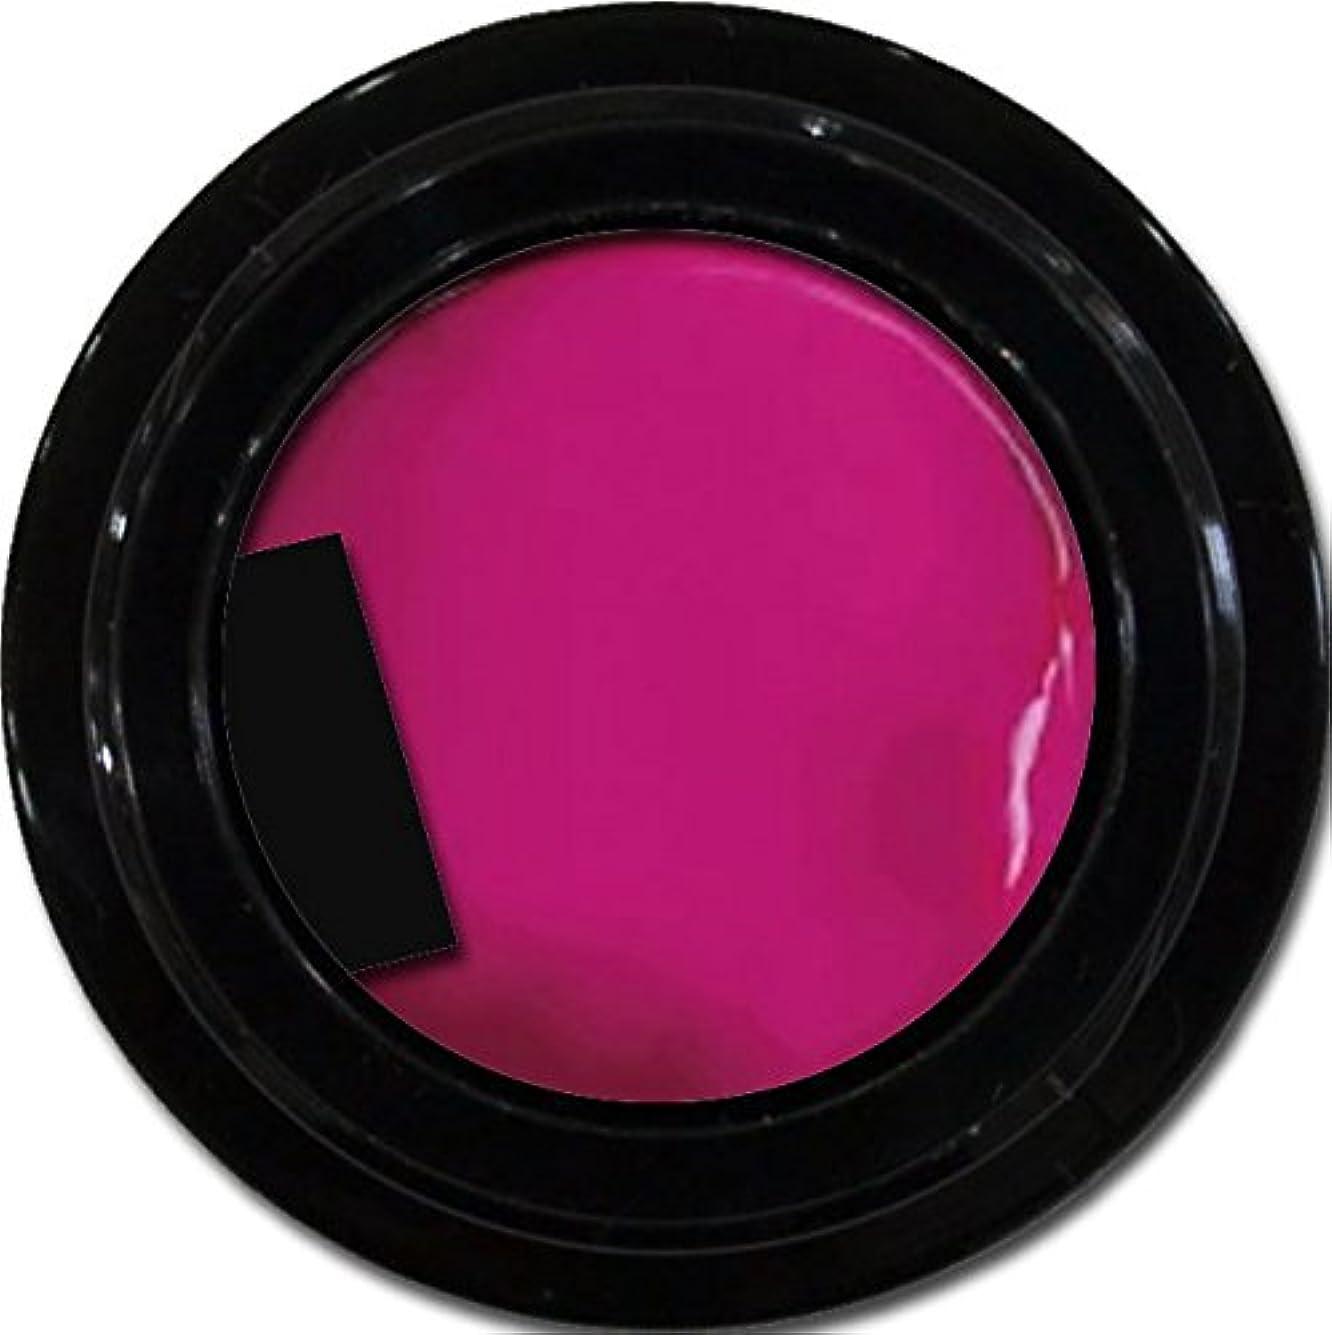 エスカレート胸貯水池カラージェル enchant color gel M214 NeoPink 3g/ マットカラージェル M214 ネオピンク 3グラム